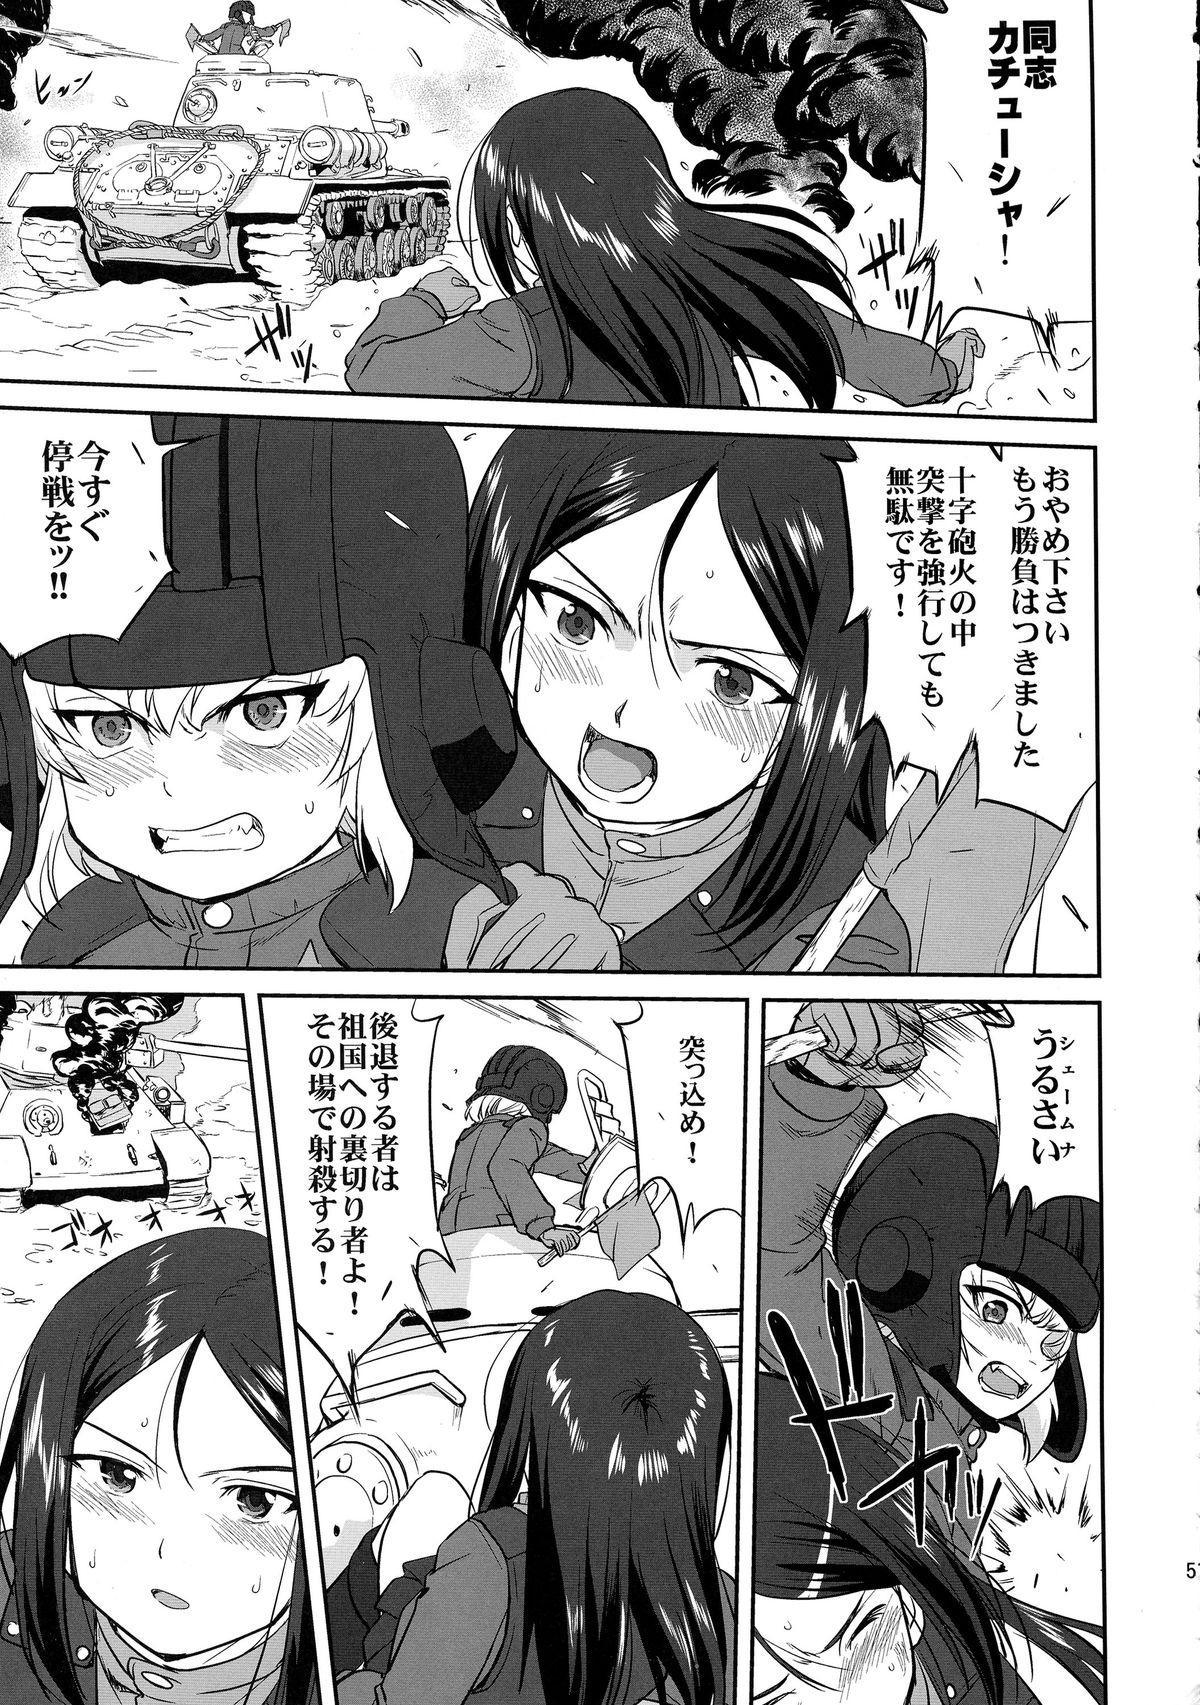 Yukiyukite Senshadou Battle of Pravda 50